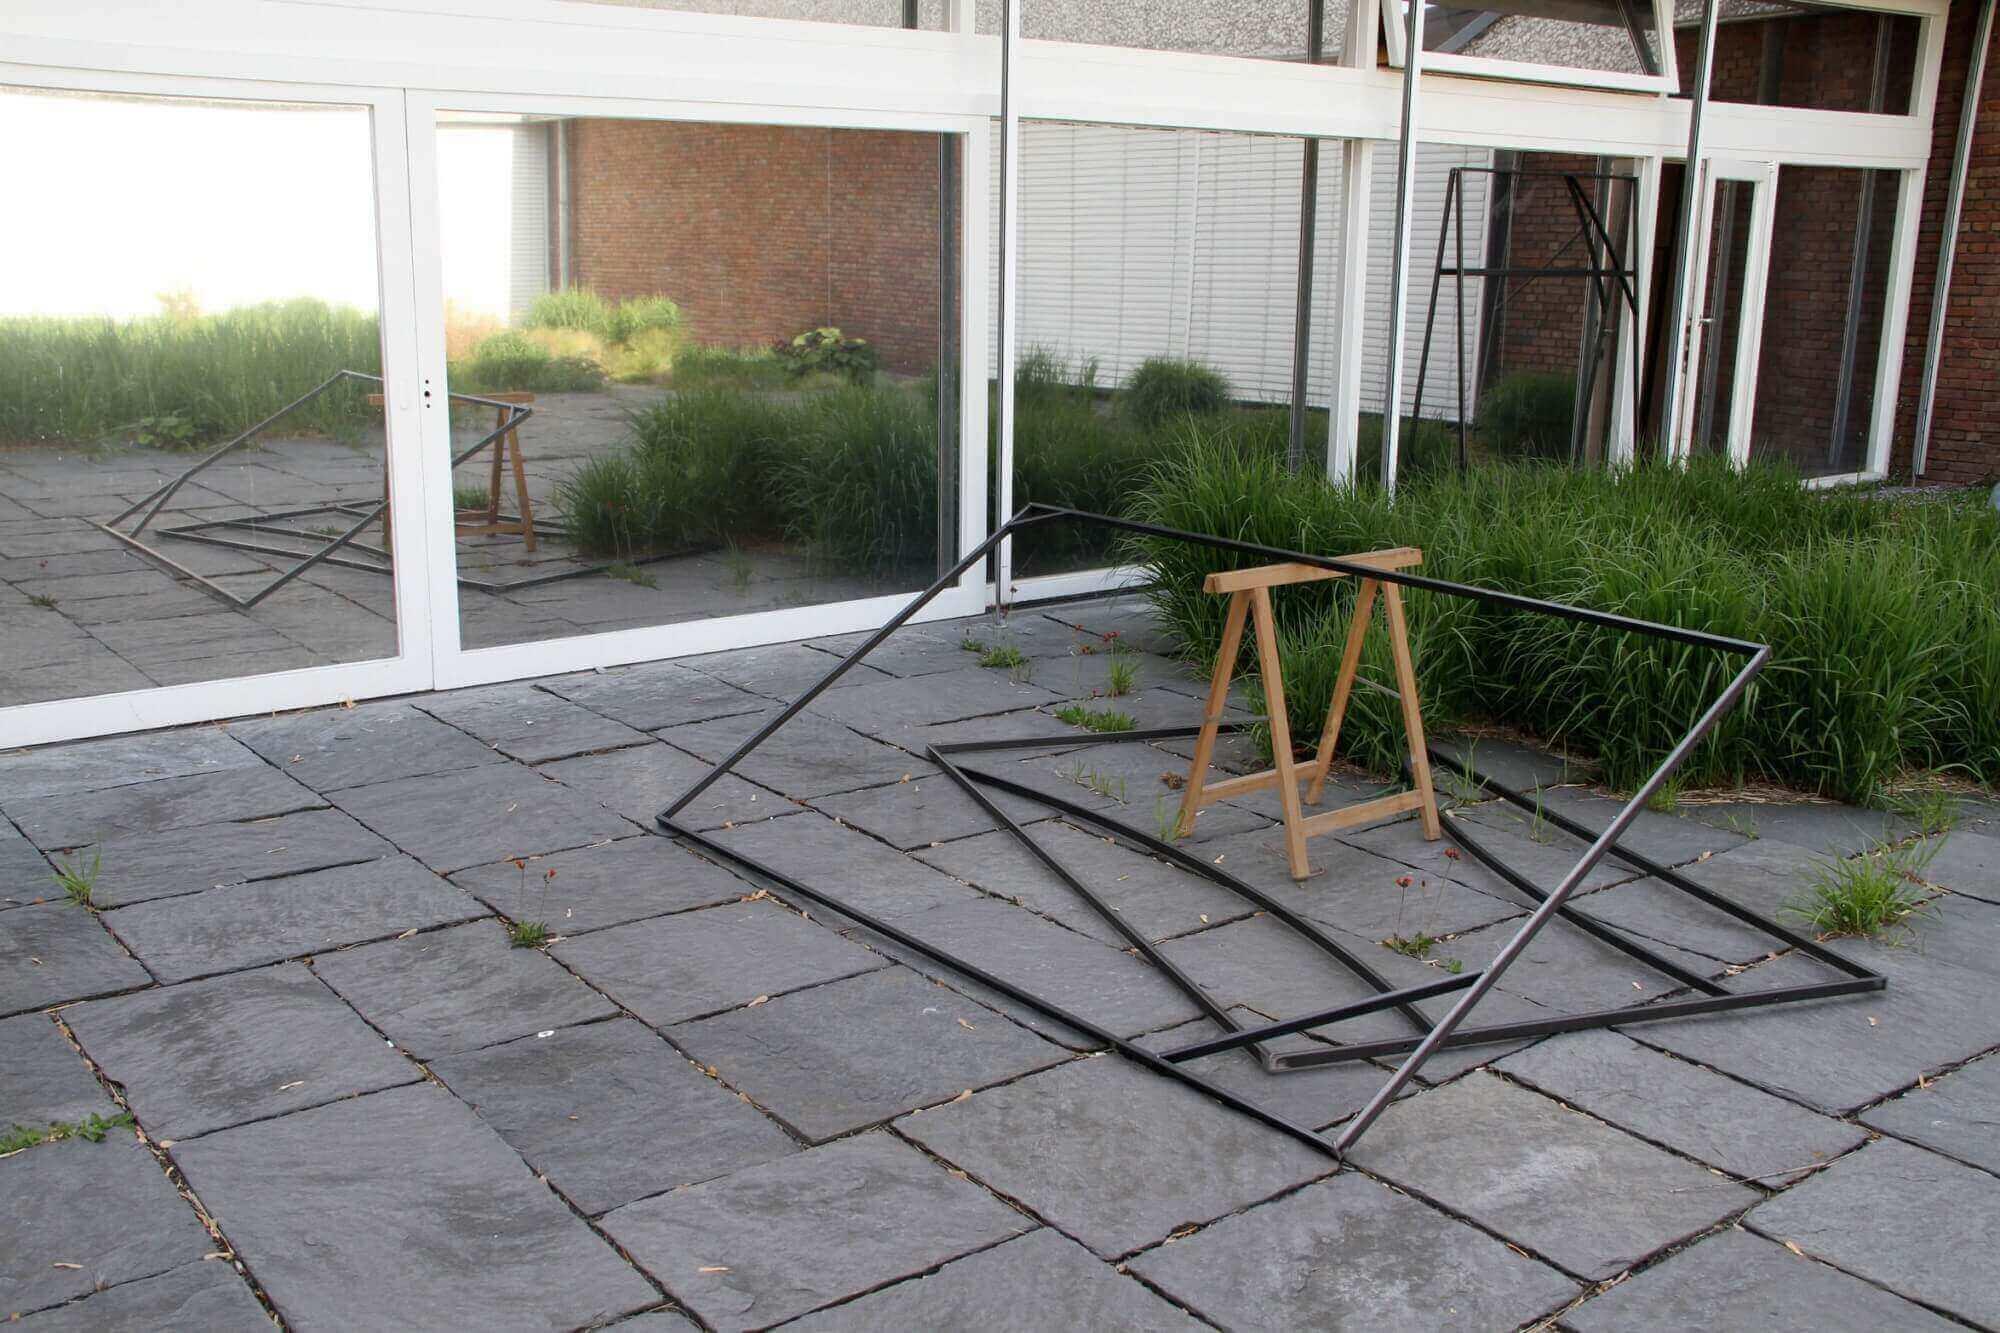 klaus kleine, ausstellung, installation, skulptur, akademie der künste berlin